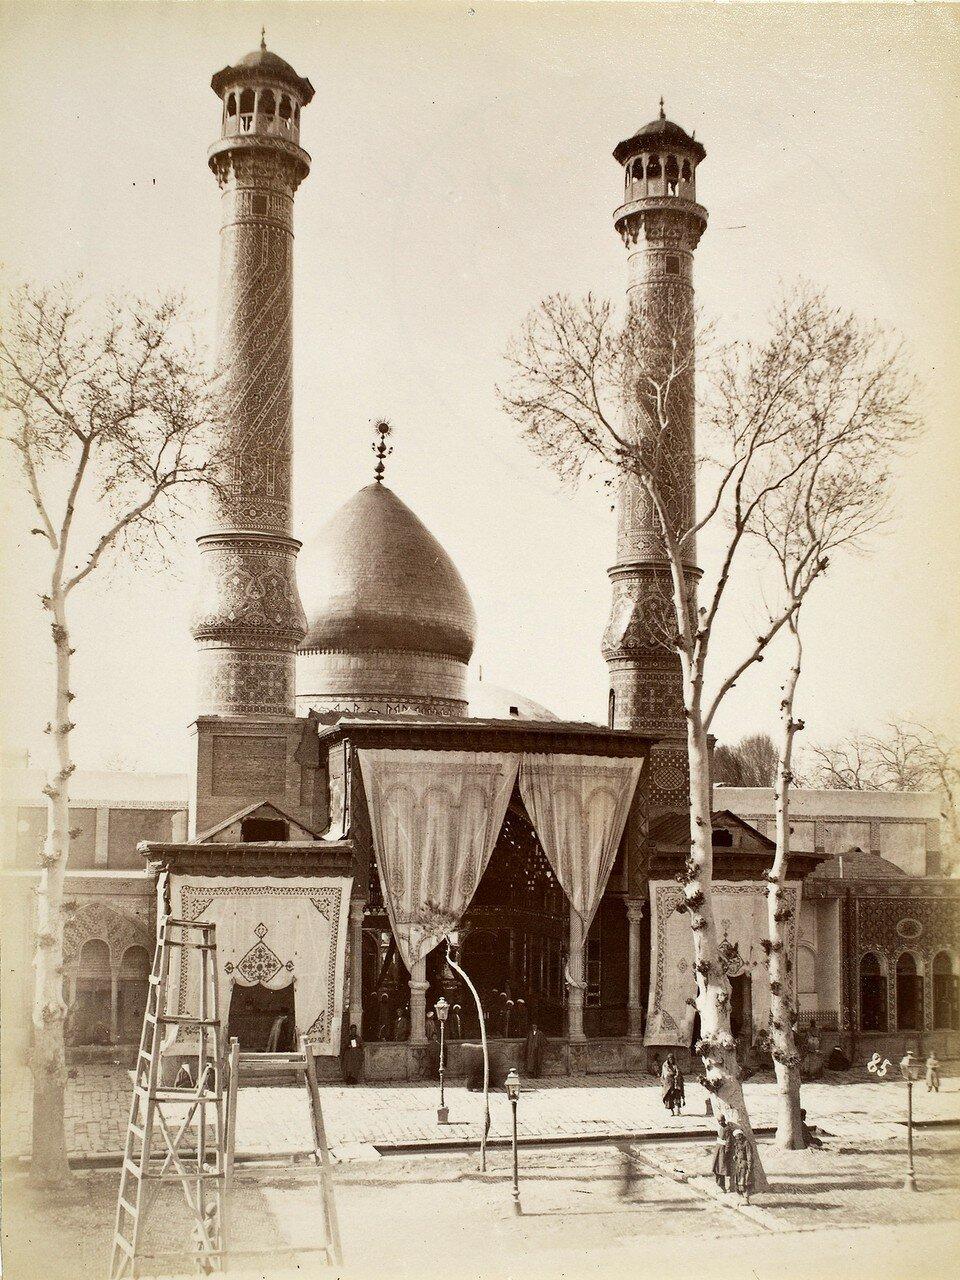 Соборная мечеть 'Абд ал-'Азиз в Тегеране